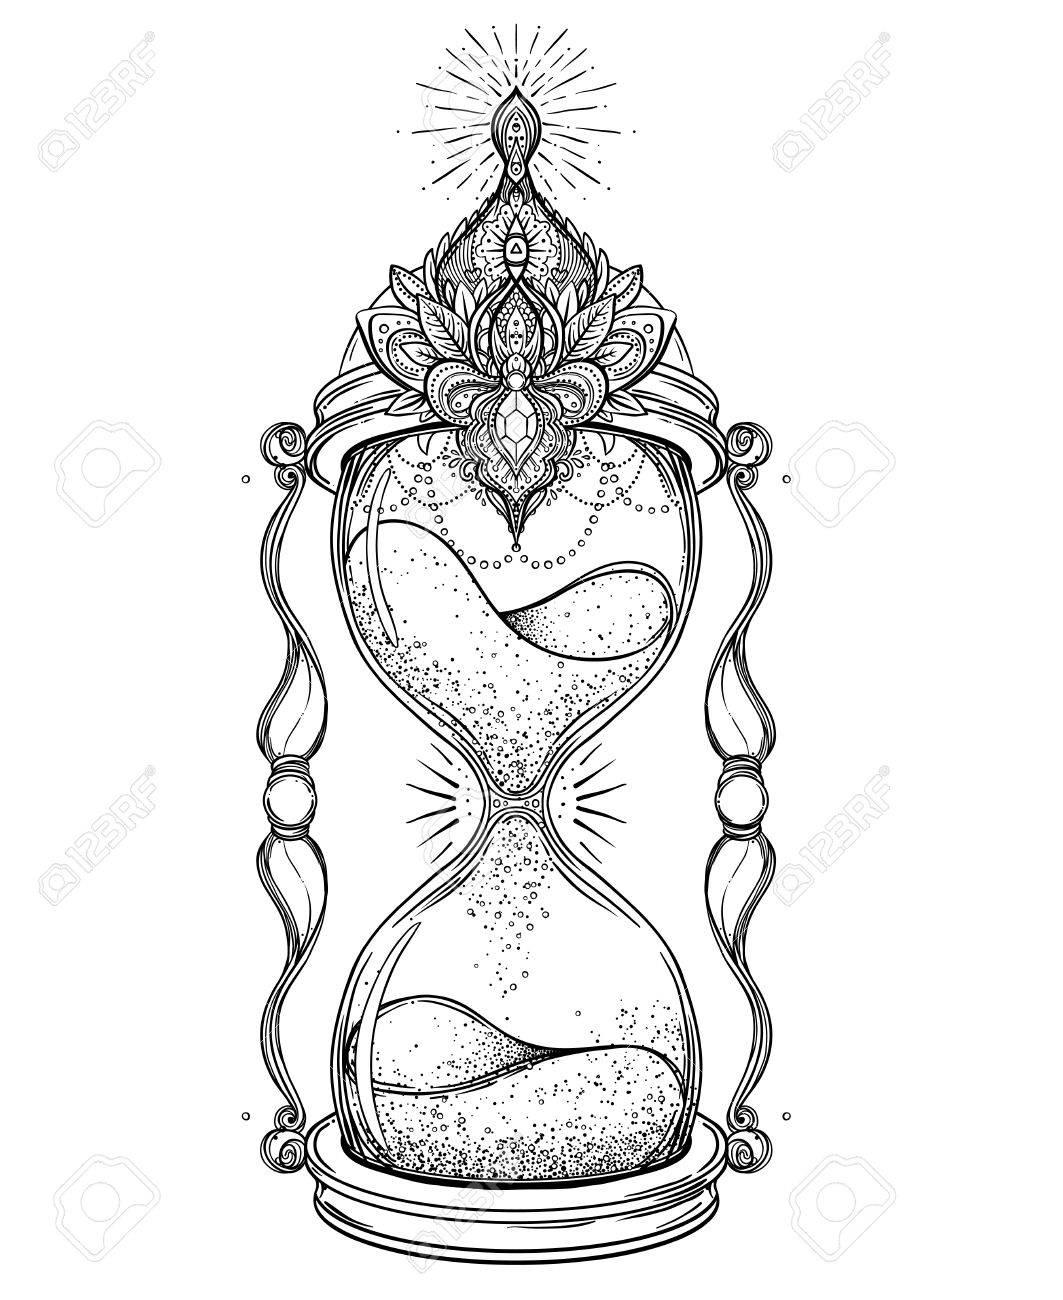 Reloj De Arena Antiguo Decorativo Con Ilustración Rosas Aislado En